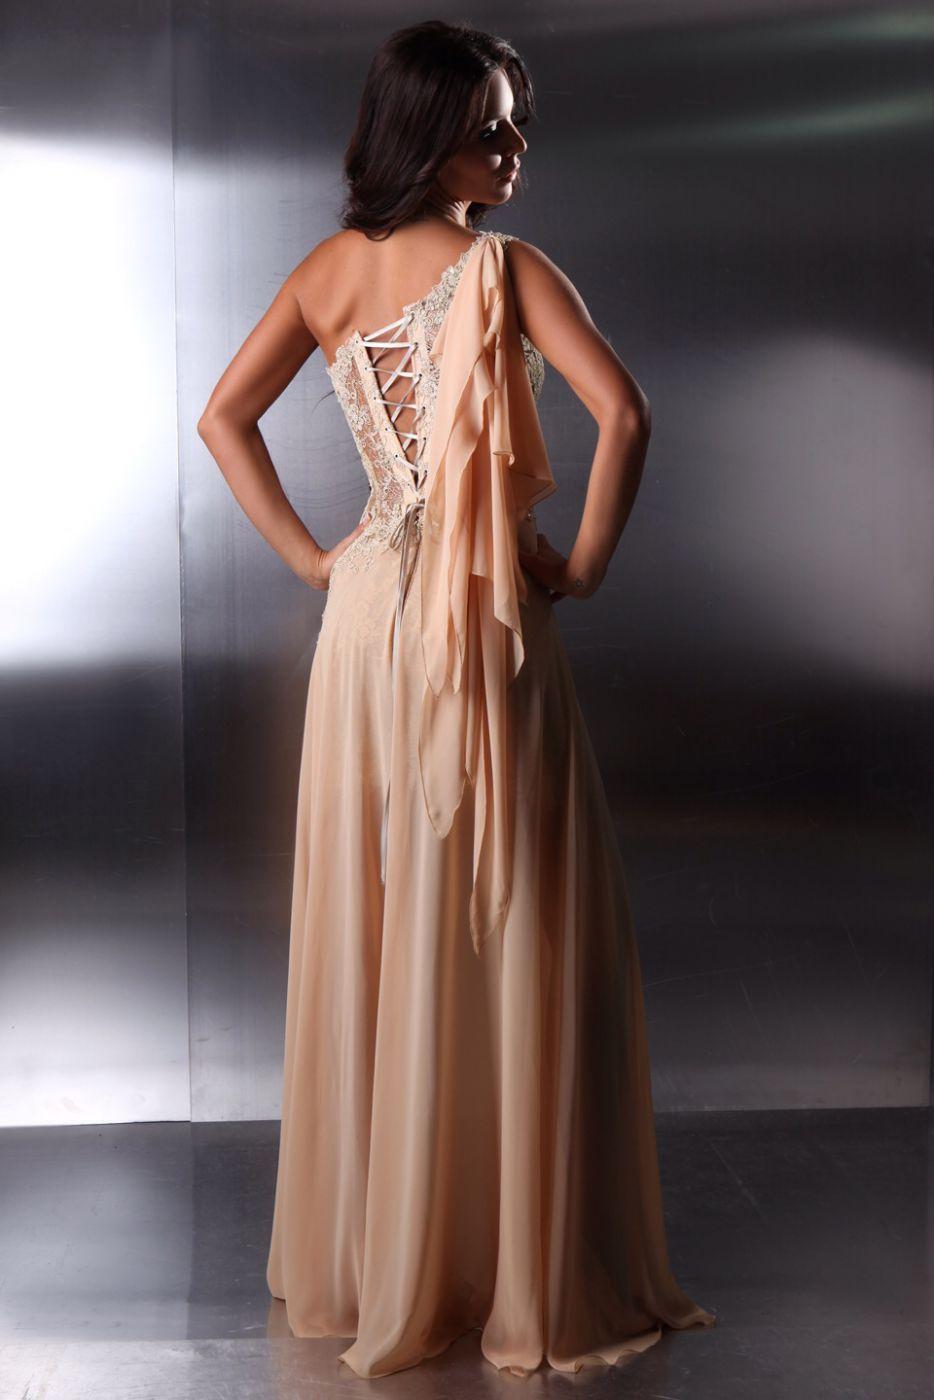 Brautkleid Nude creme aus Chiffon - Kleiderfreuden